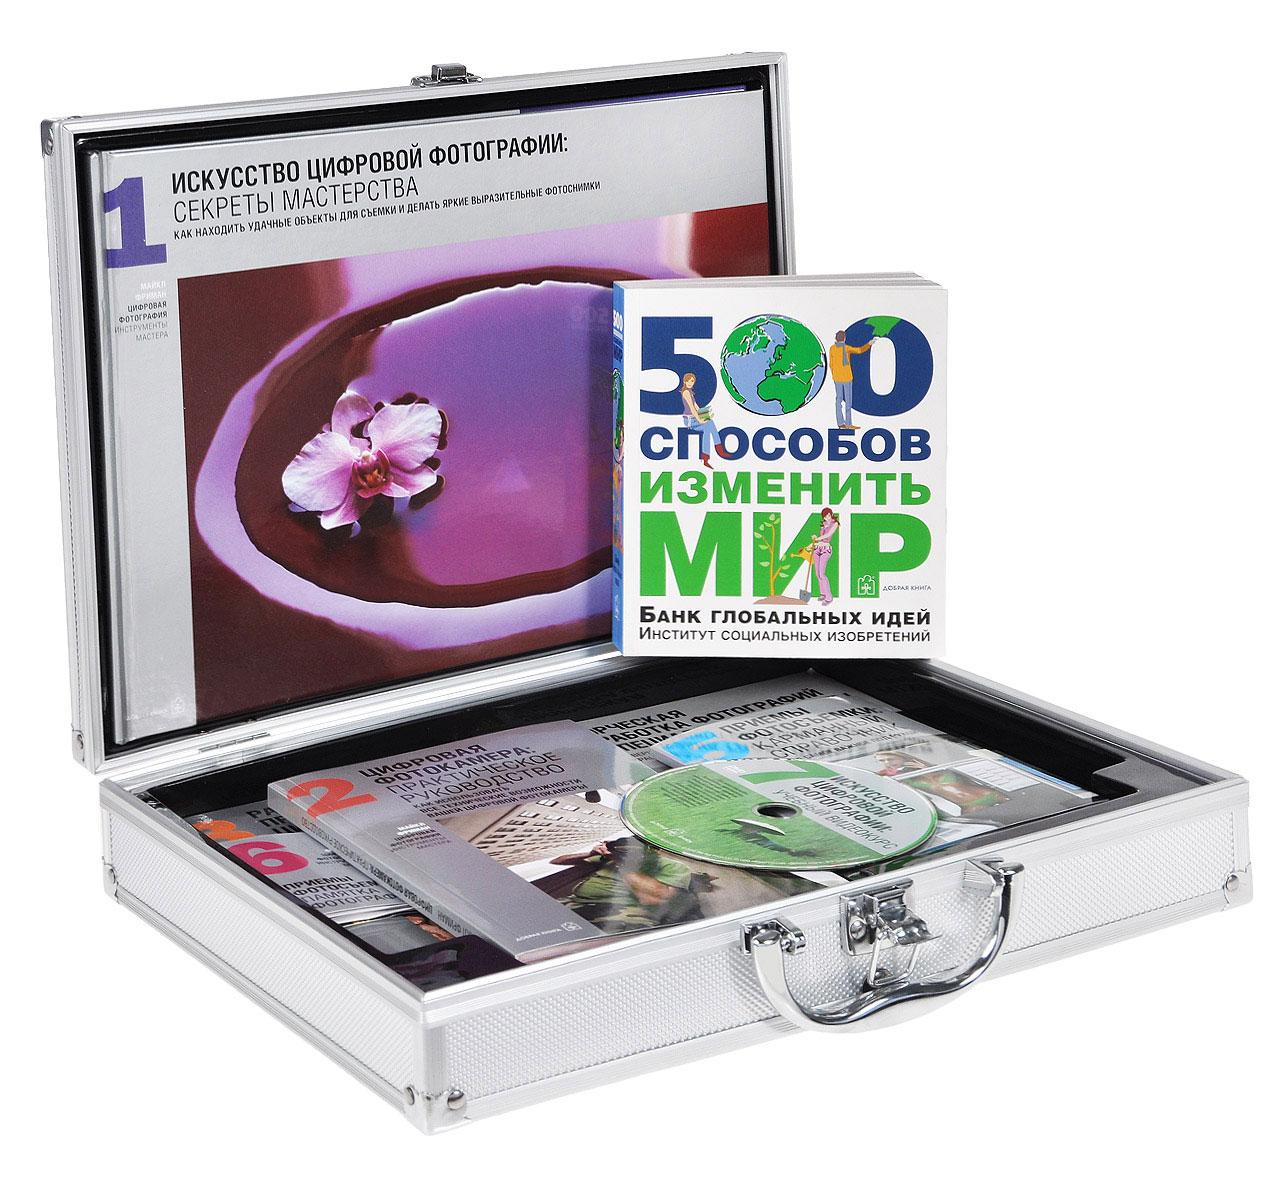 Zakazat.ru: Цифровая фотография. Инструменты мастера (комплект в чемоданчике: 6 книг, DVD-ROM с мастер-классом Майкла Фримана) + подарок: 500 способов изменить мир. Майкл Фриман